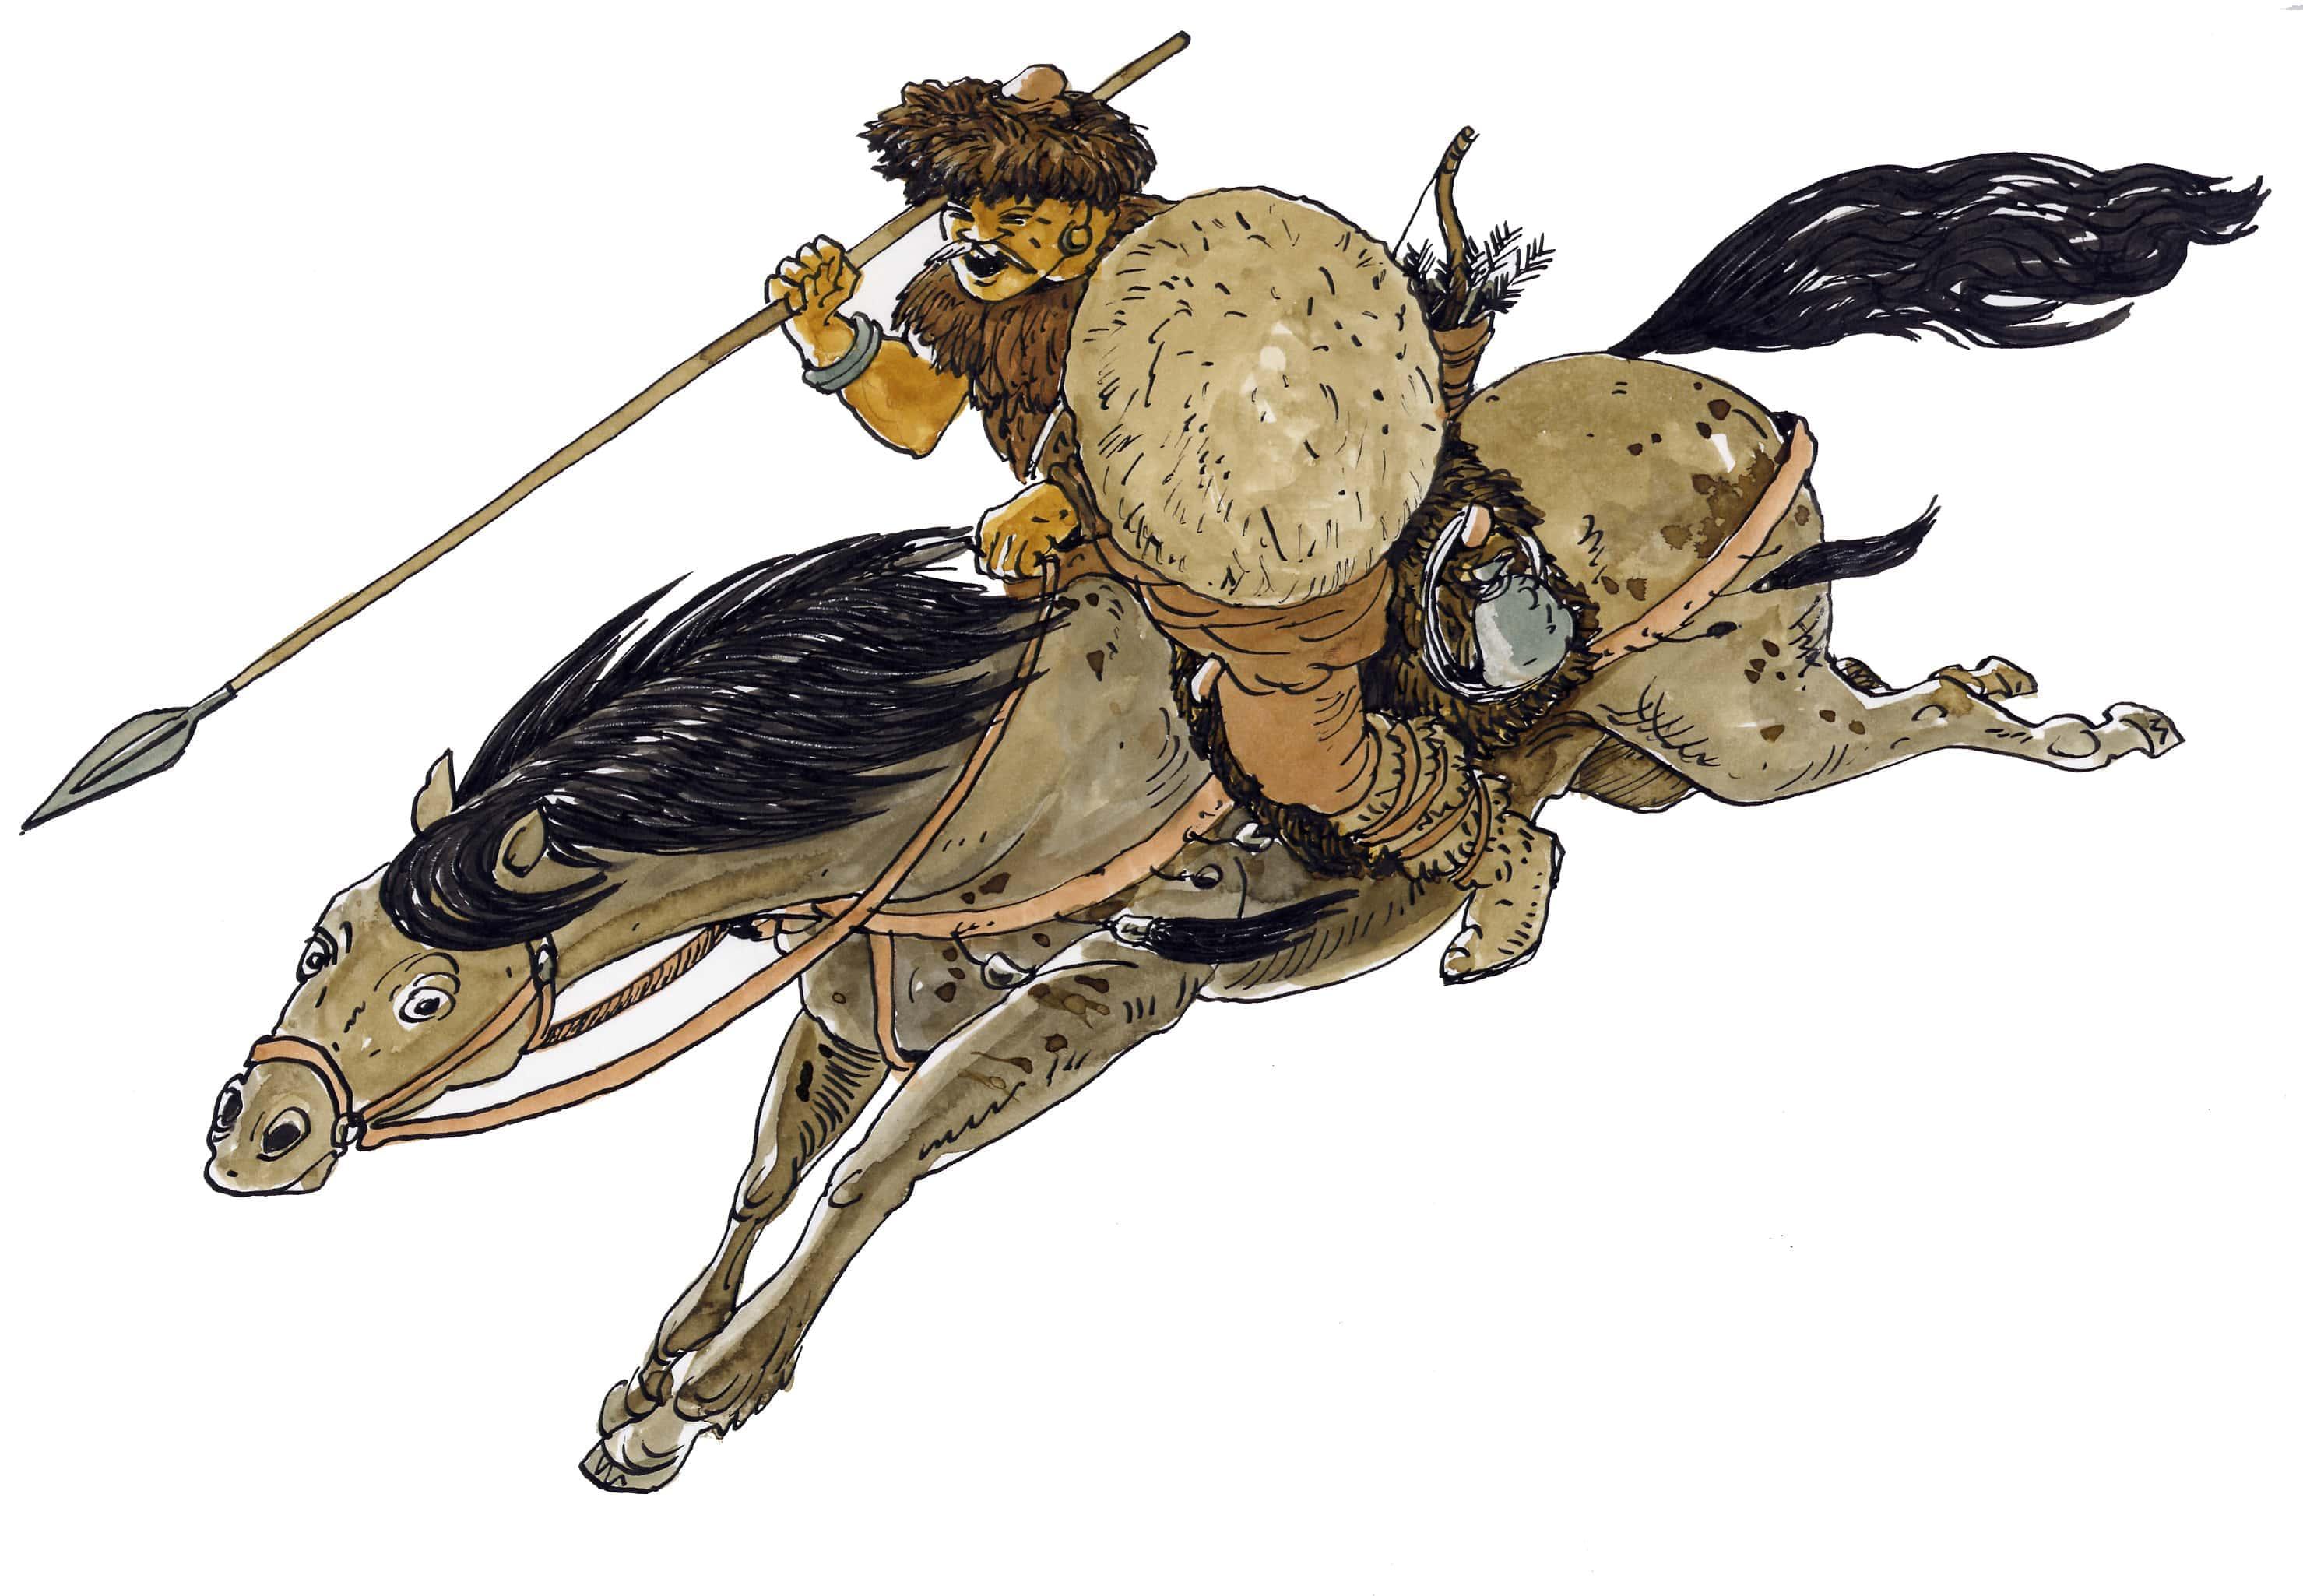 illustrazioni - cavaliere unno